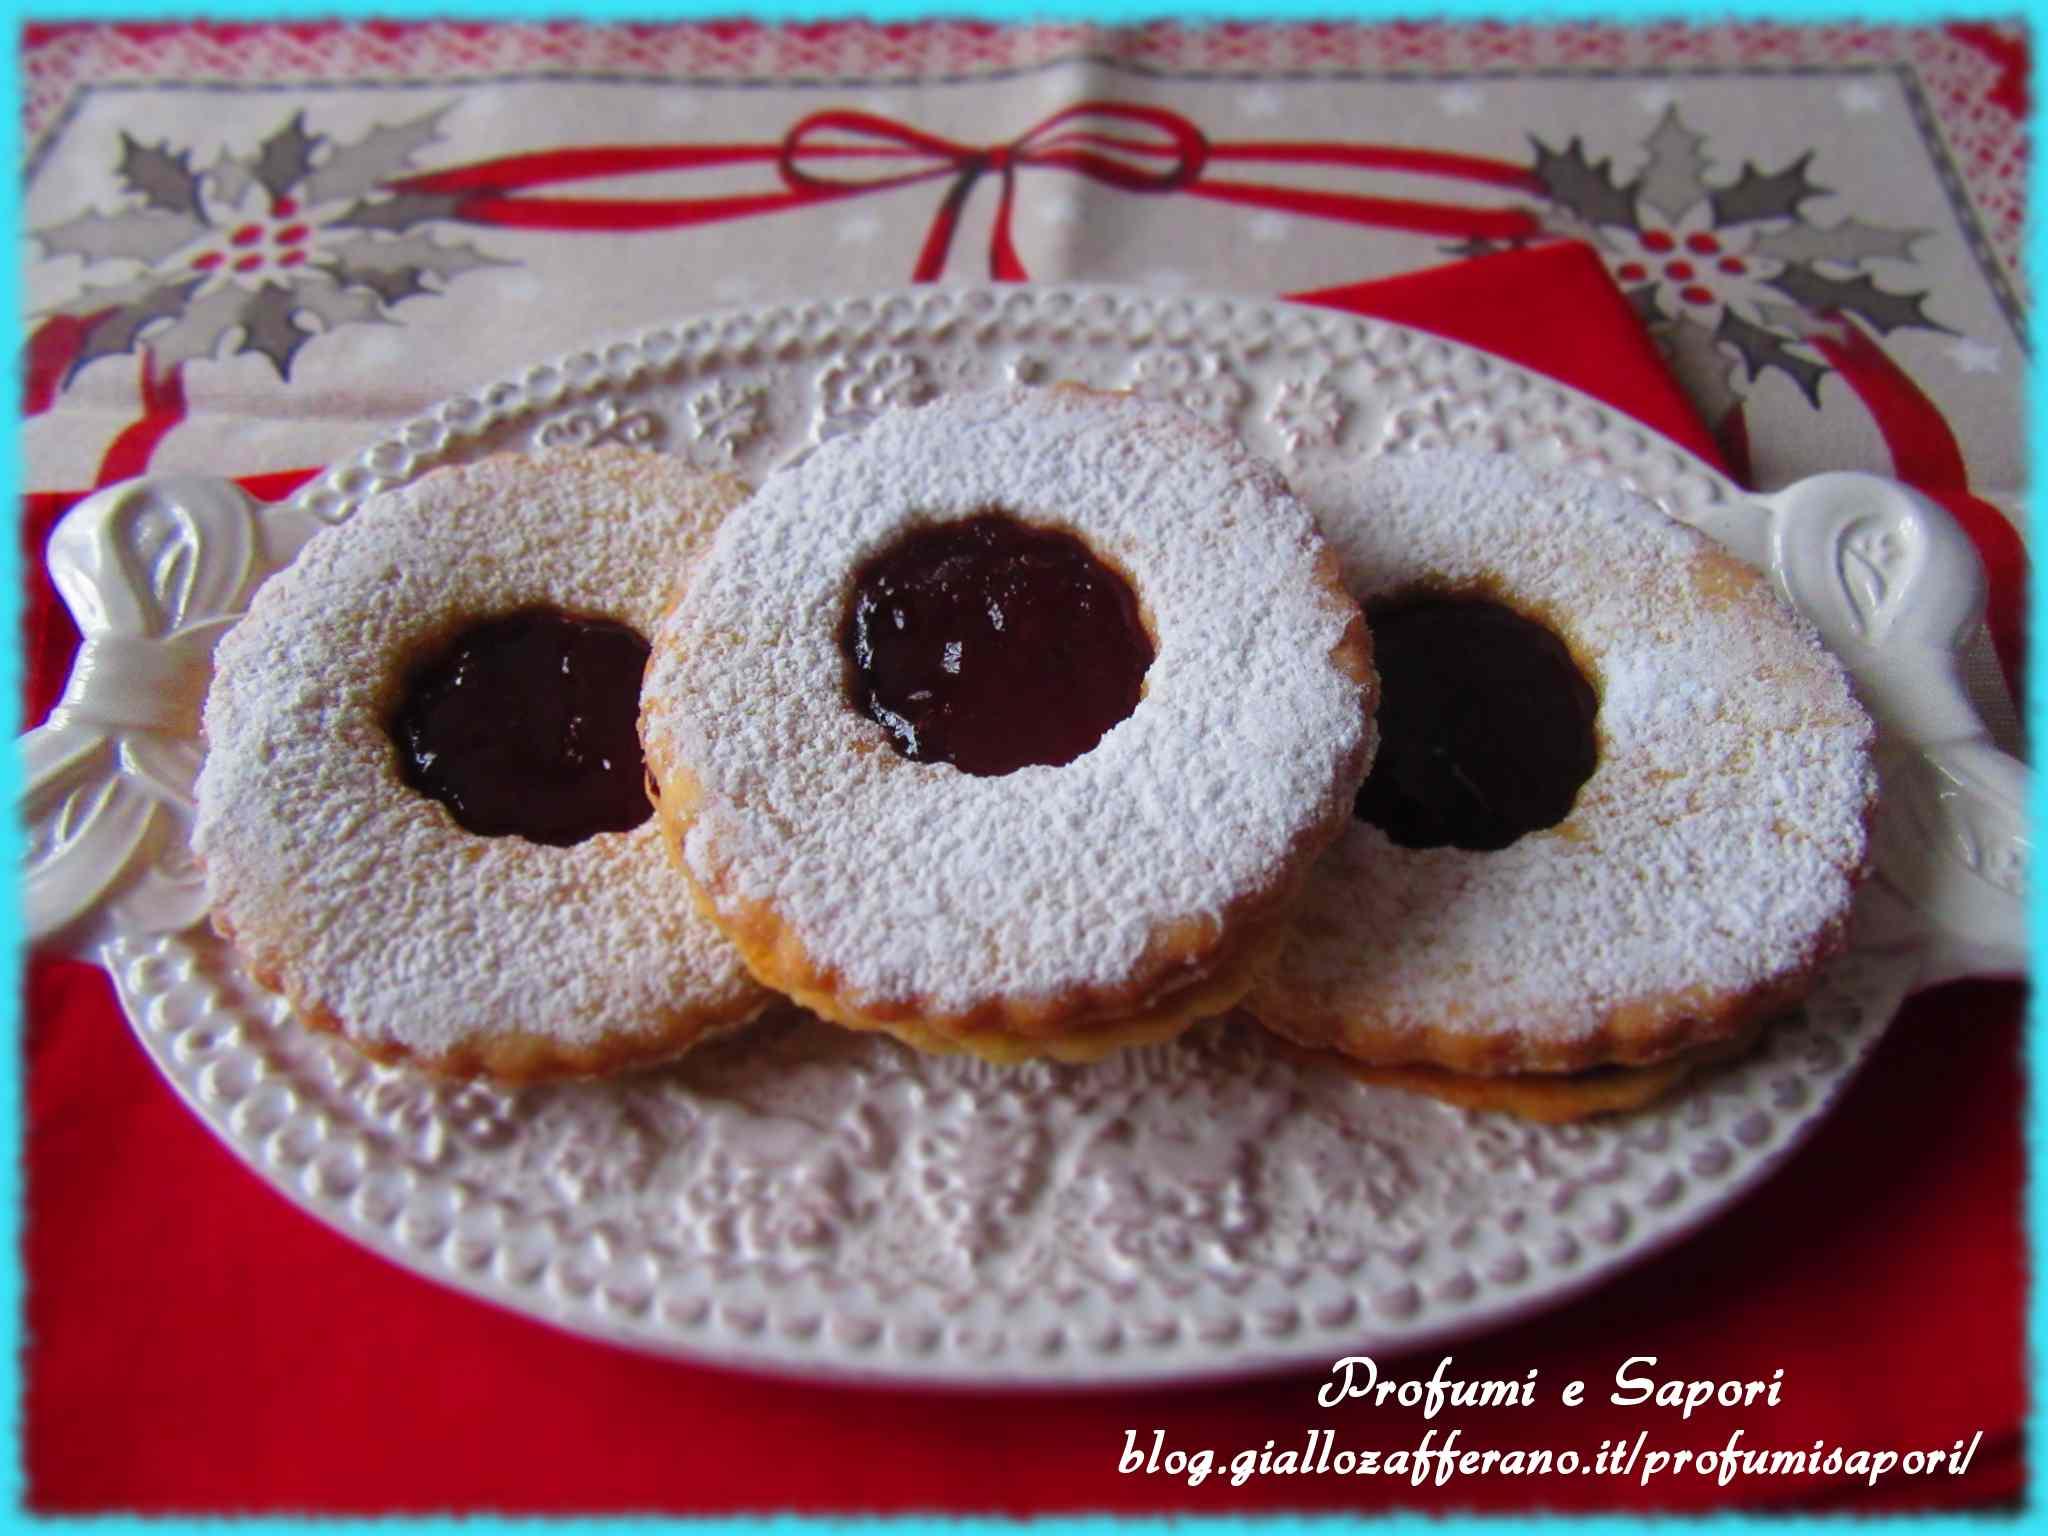 Ricetta: Biscotti occhio di bue alla marmellata